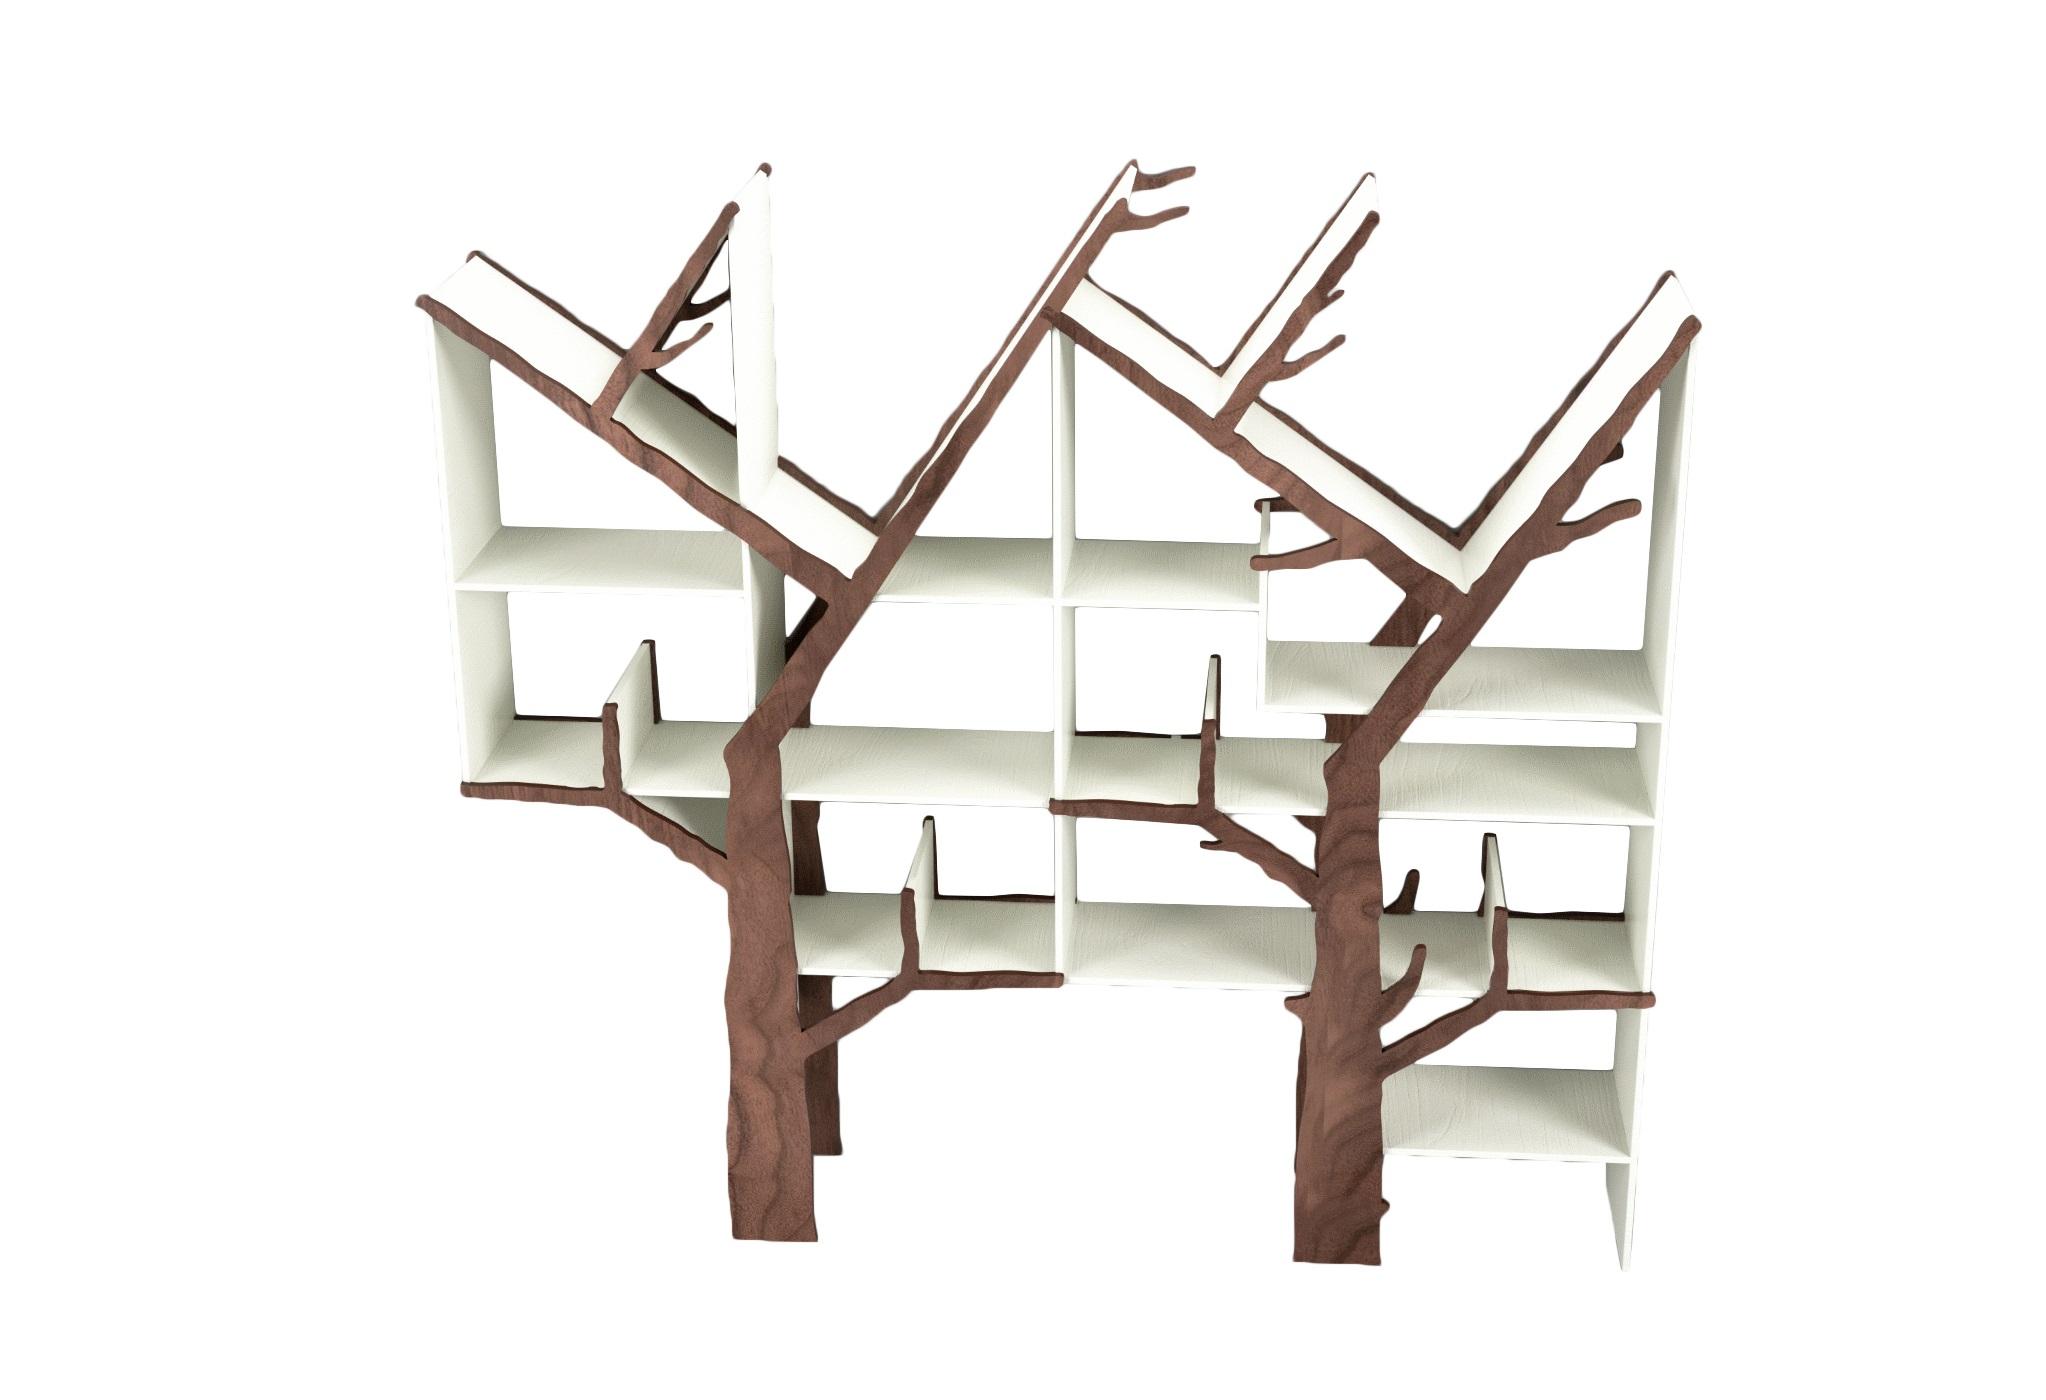 Стеллаж Дерево двойноеСтеллажи и этажерки<br>&amp;lt;div&amp;gt;Креативный двойной стеллаж очень функционален и отлично подойдет для детской или прихожей!&amp;amp;nbsp;&amp;lt;/div&amp;gt;&amp;lt;div&amp;gt;&amp;lt;br&amp;gt;&amp;lt;/div&amp;gt;&amp;lt;div&amp;gt;Материал: МДФ, шпон&amp;amp;nbsp;&amp;lt;/div&amp;gt;<br><br>Material: МДФ<br>Ширина см: 200.0<br>Высота см: 200.0<br>Глубина см: 24.0